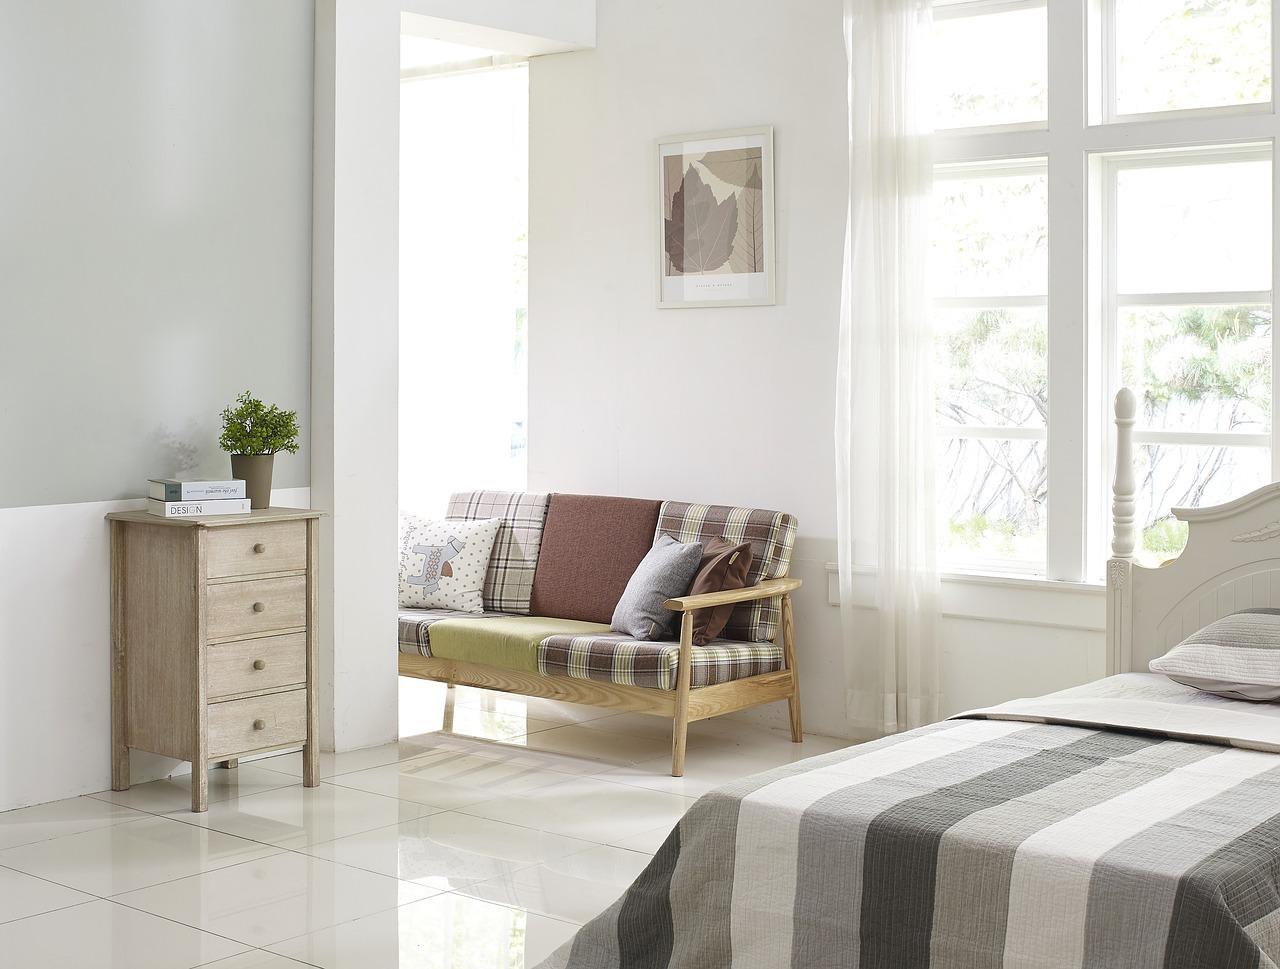 Chambre créer une atmosphère de détente